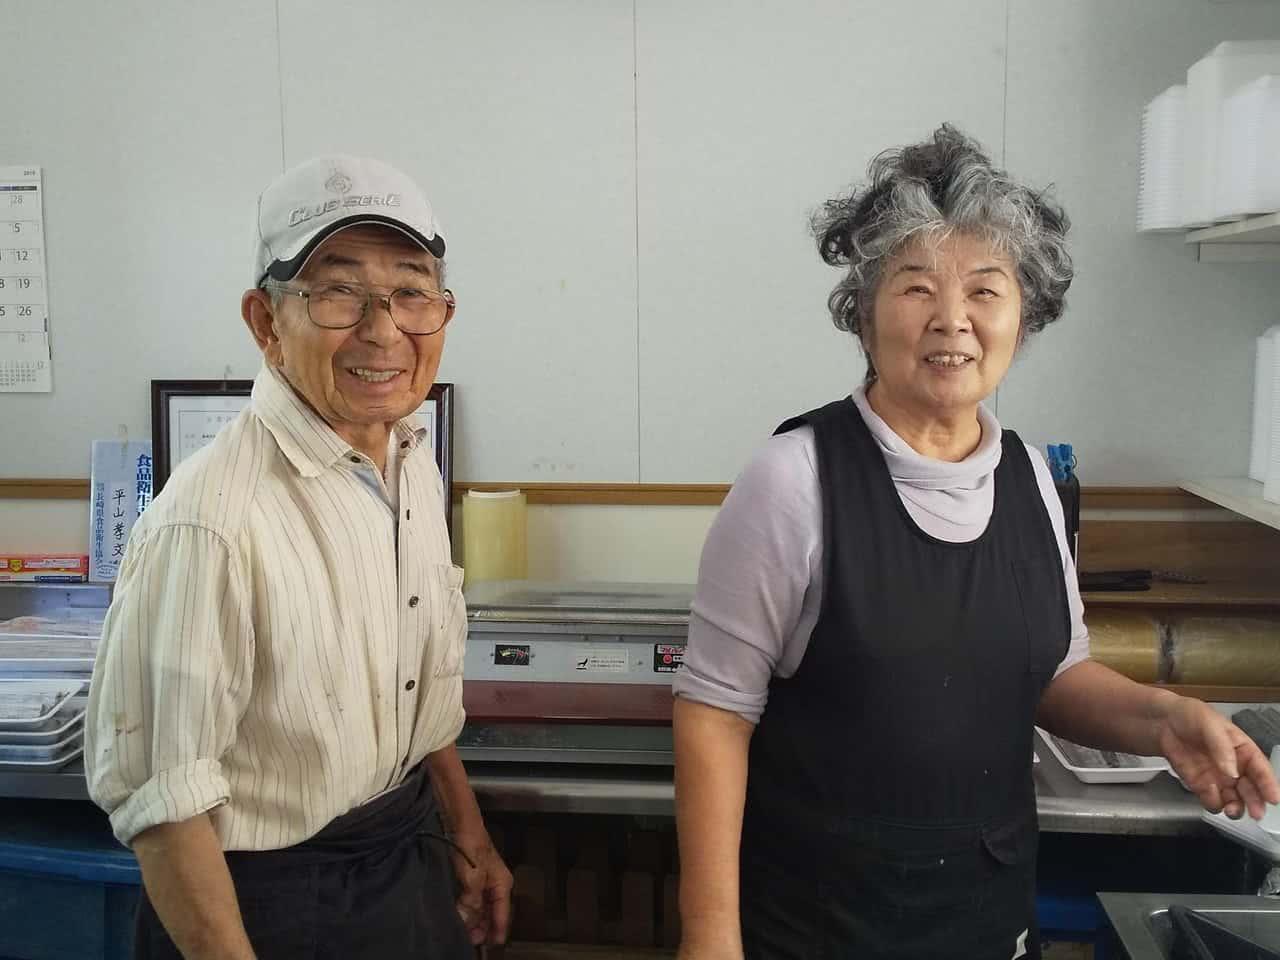 父・久米雄さん、母・ヤス子さん